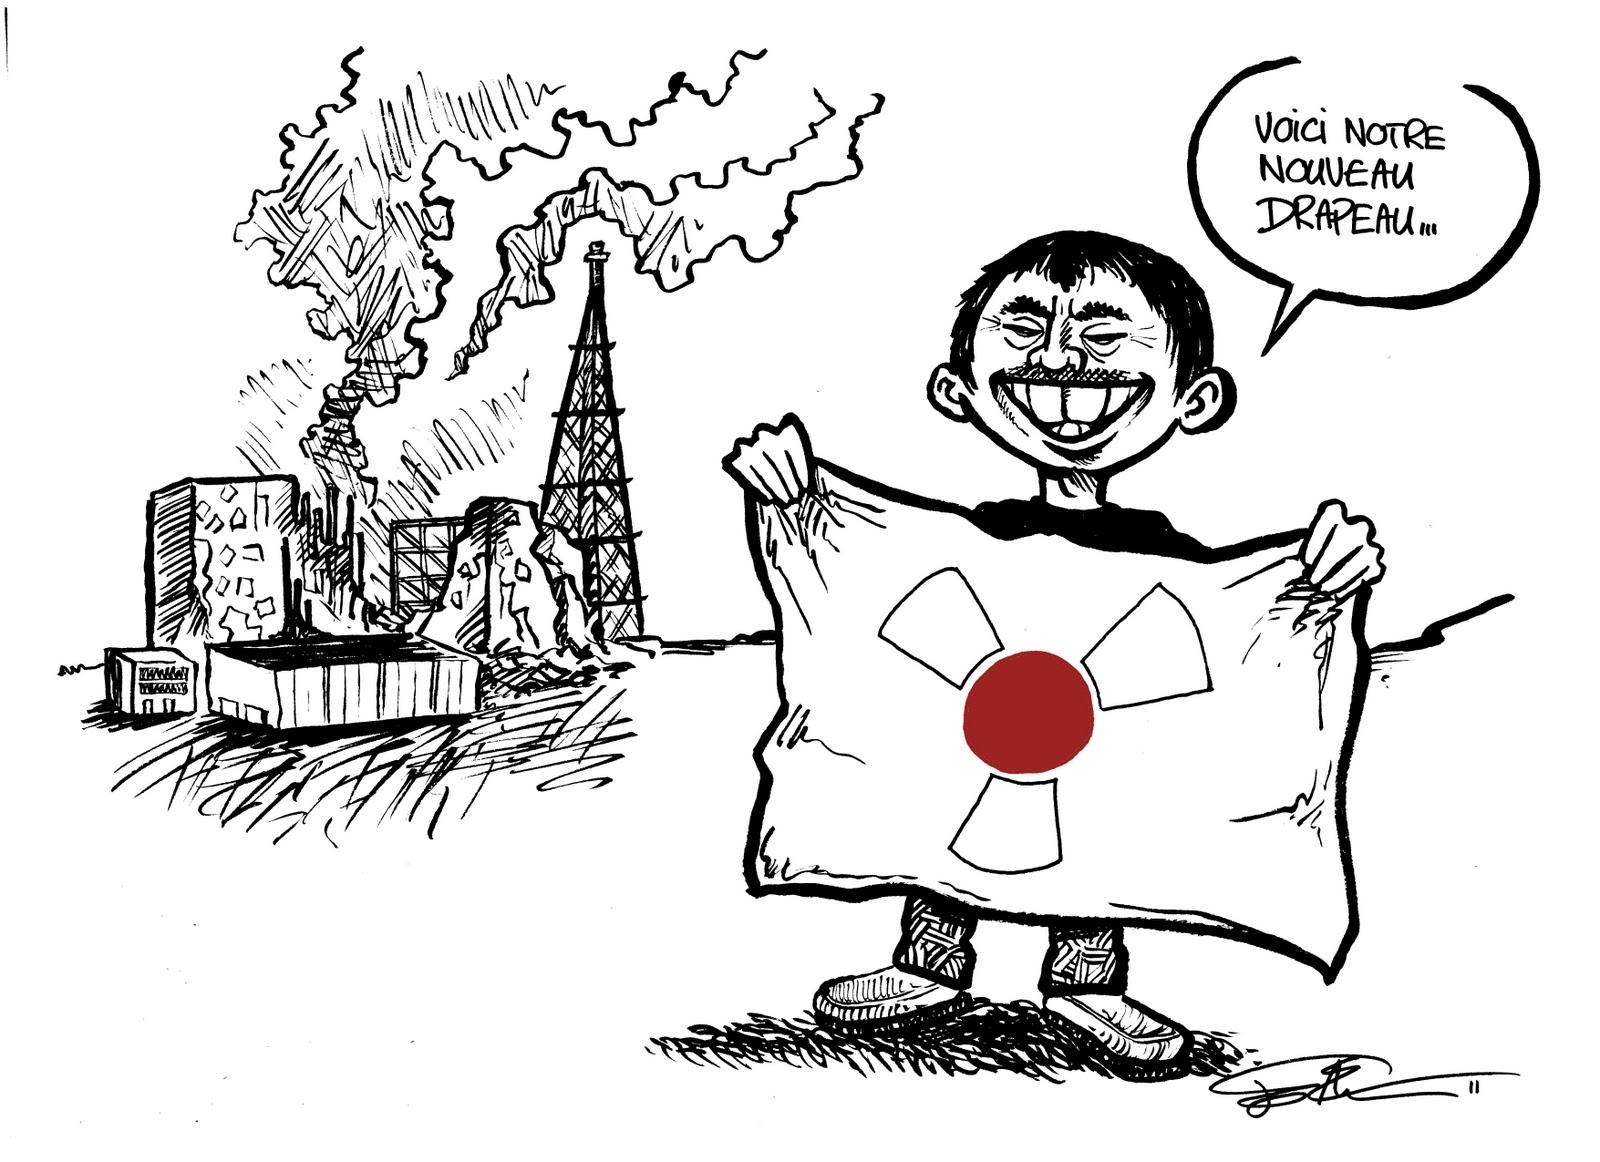 Japon: un nouvel horizon nucléaire